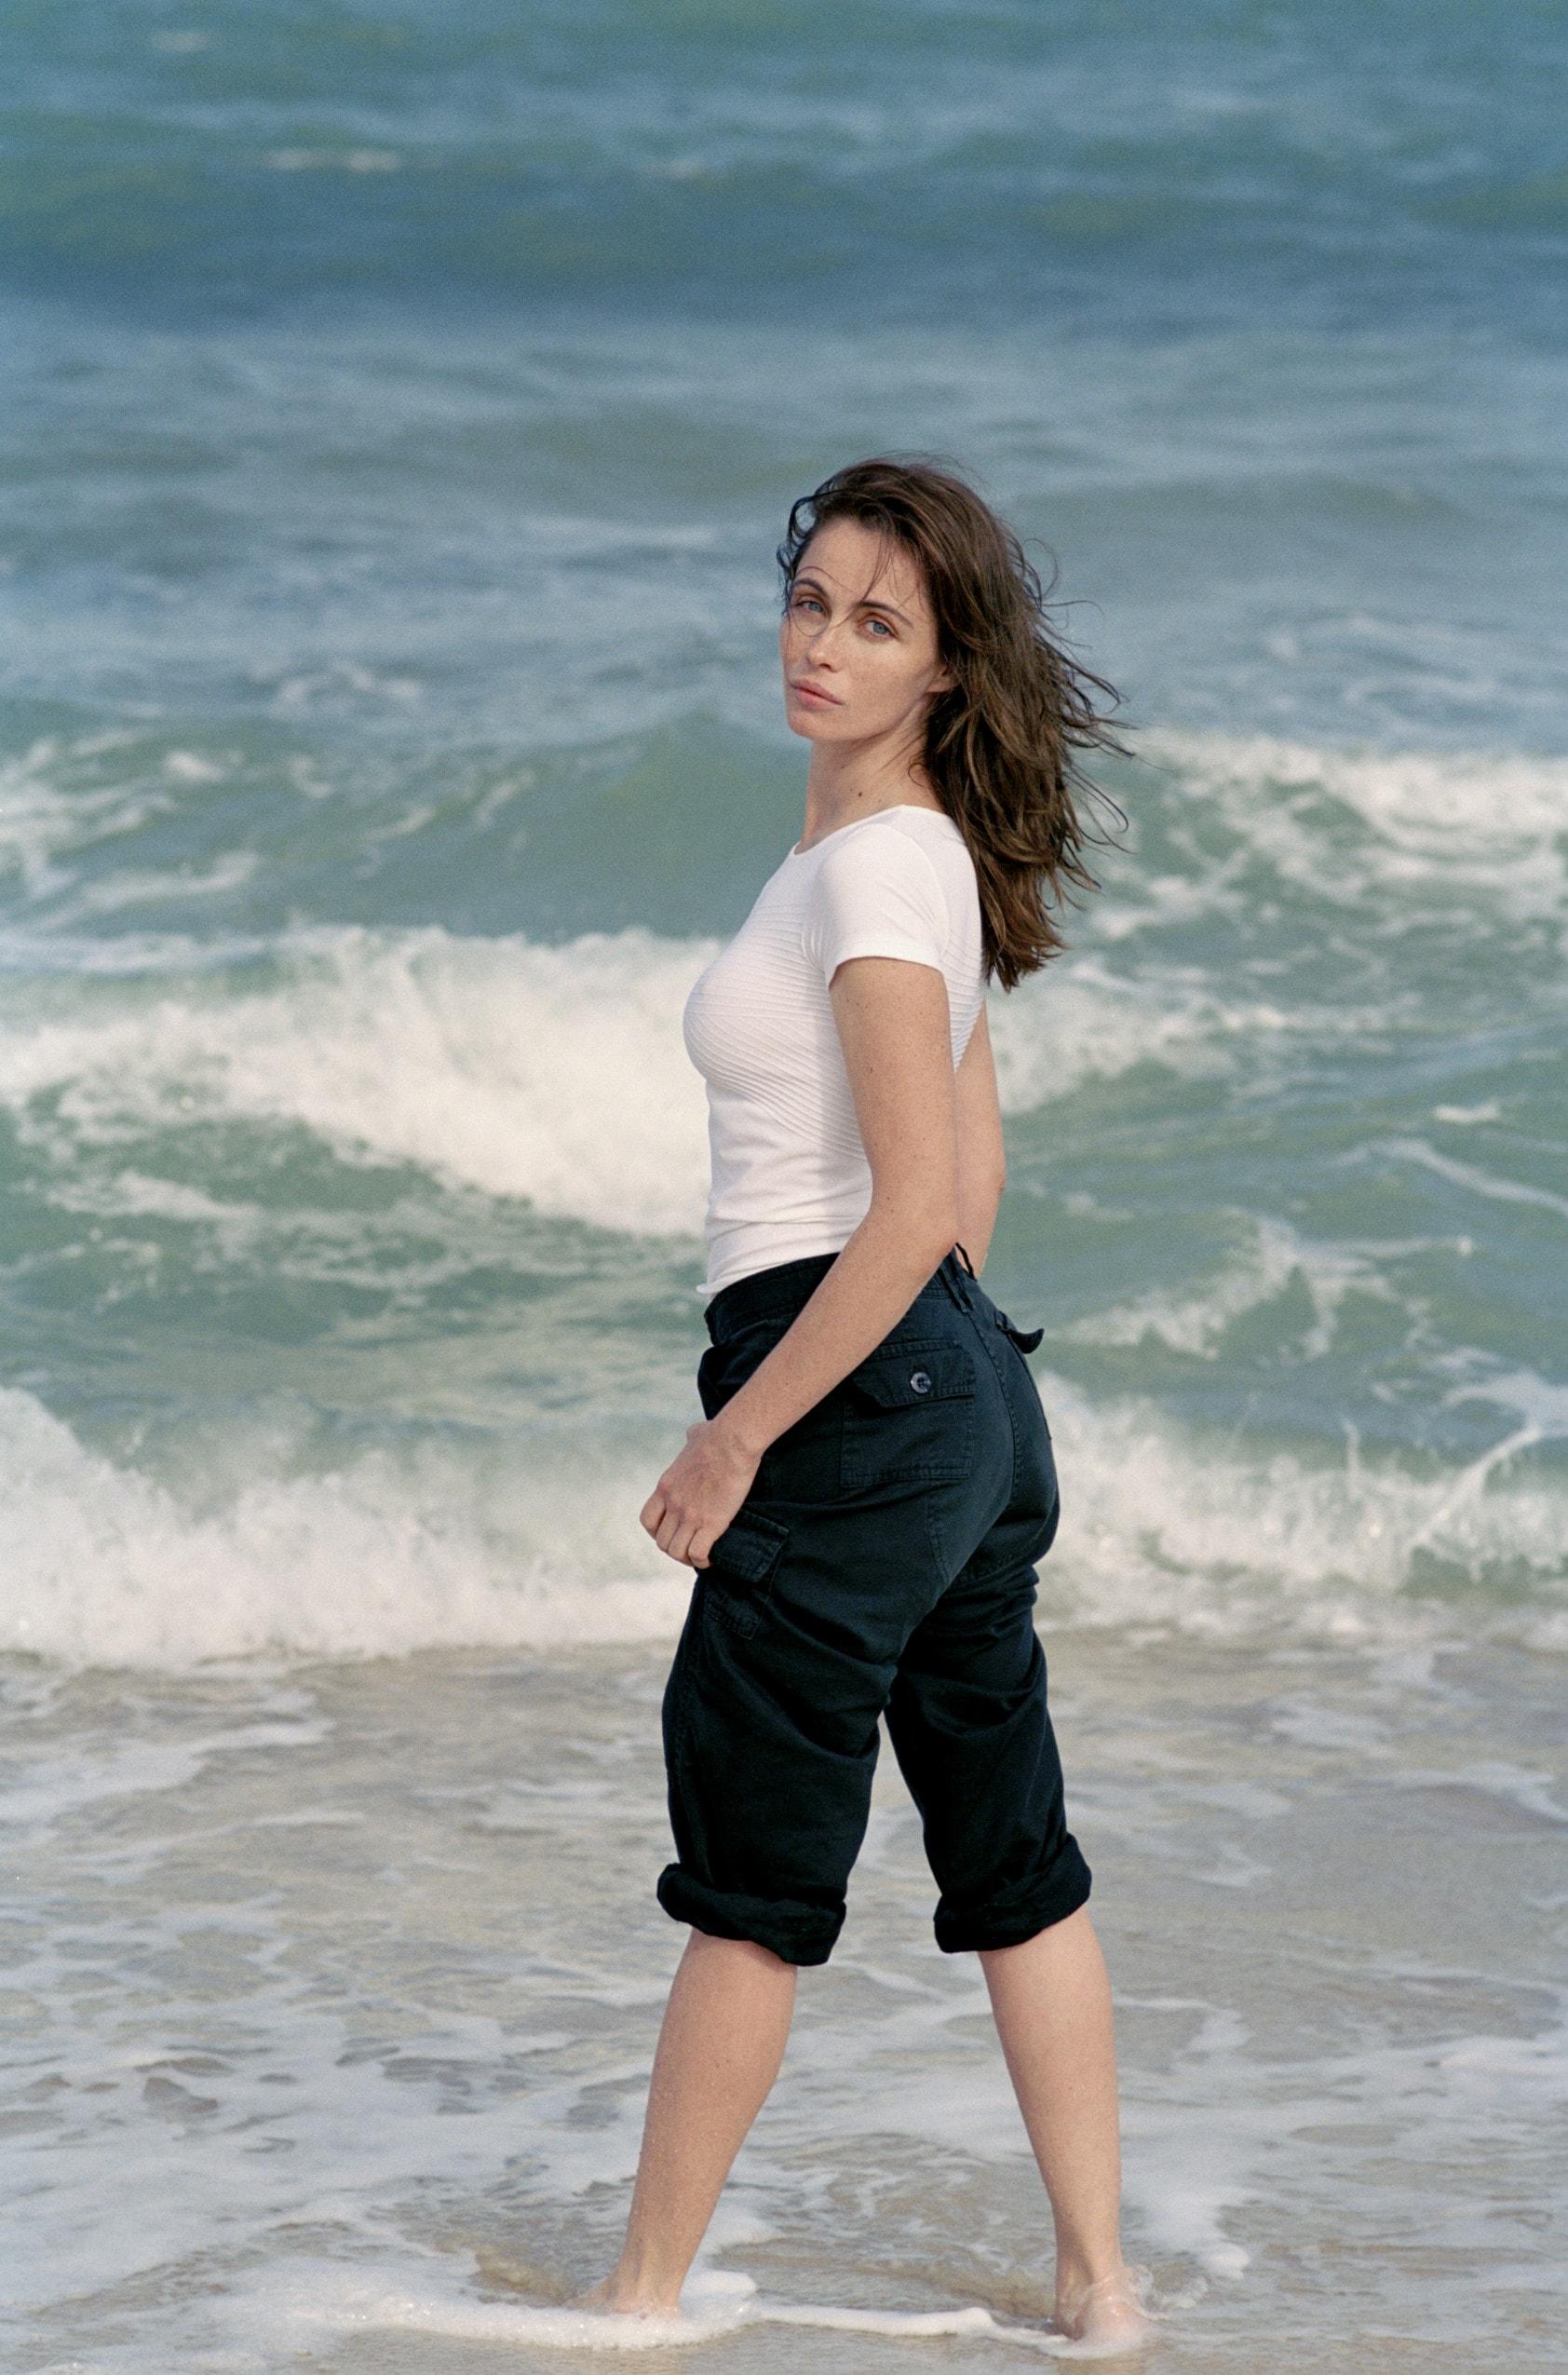 Emmanuelle Beart HD pics